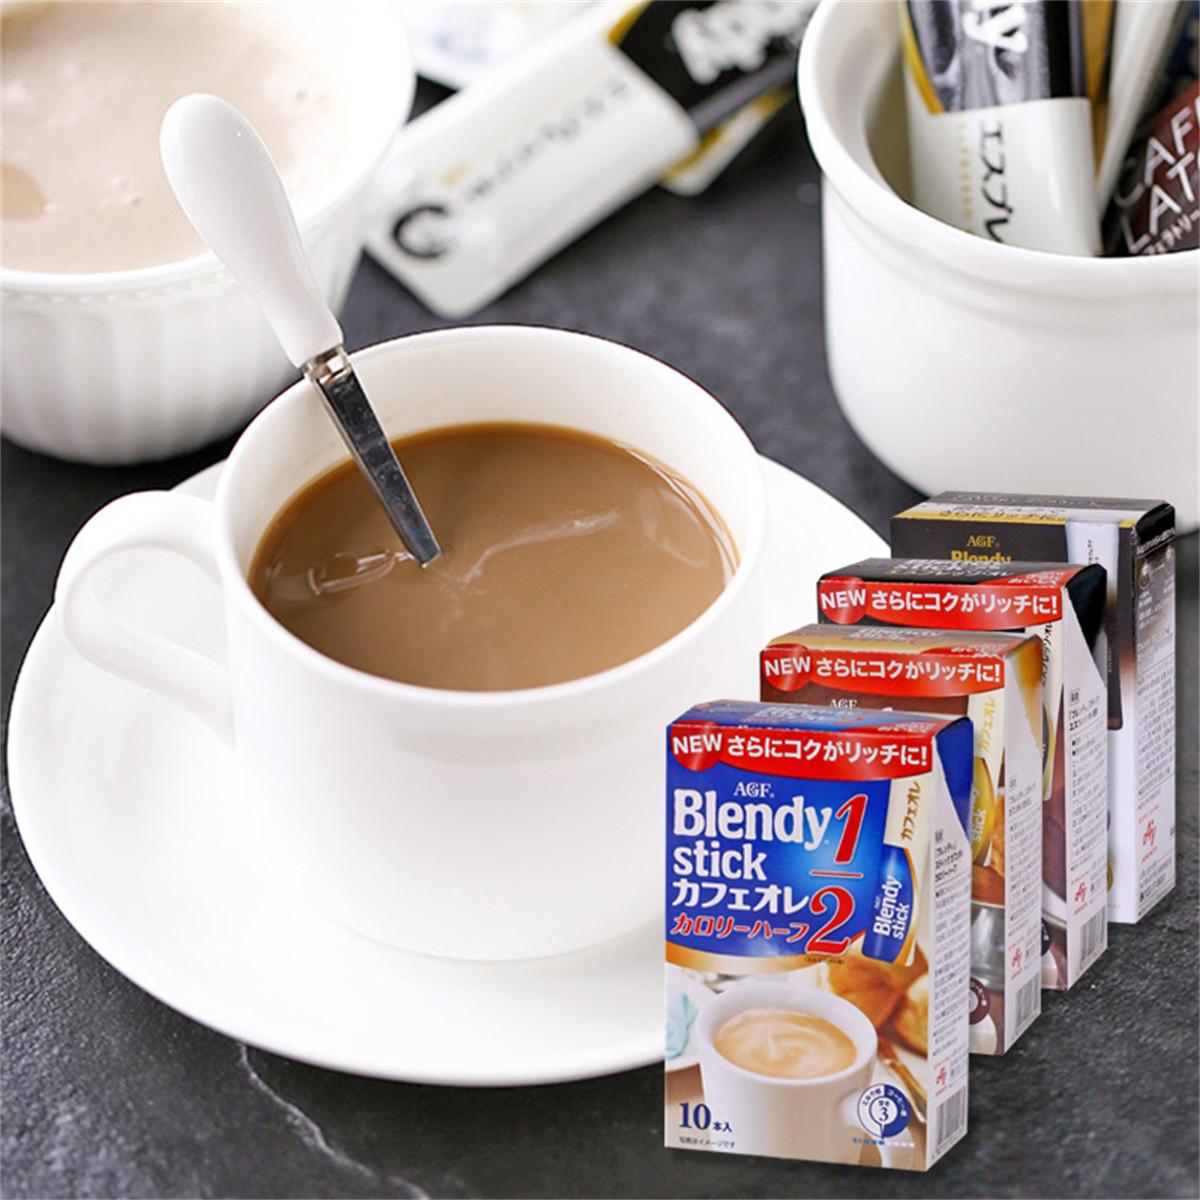 和風细语日本进口AGFBLENDY布兰迪桃子微甜牛奶欧蕾速溶咖啡COLOR微糖牛奶77g